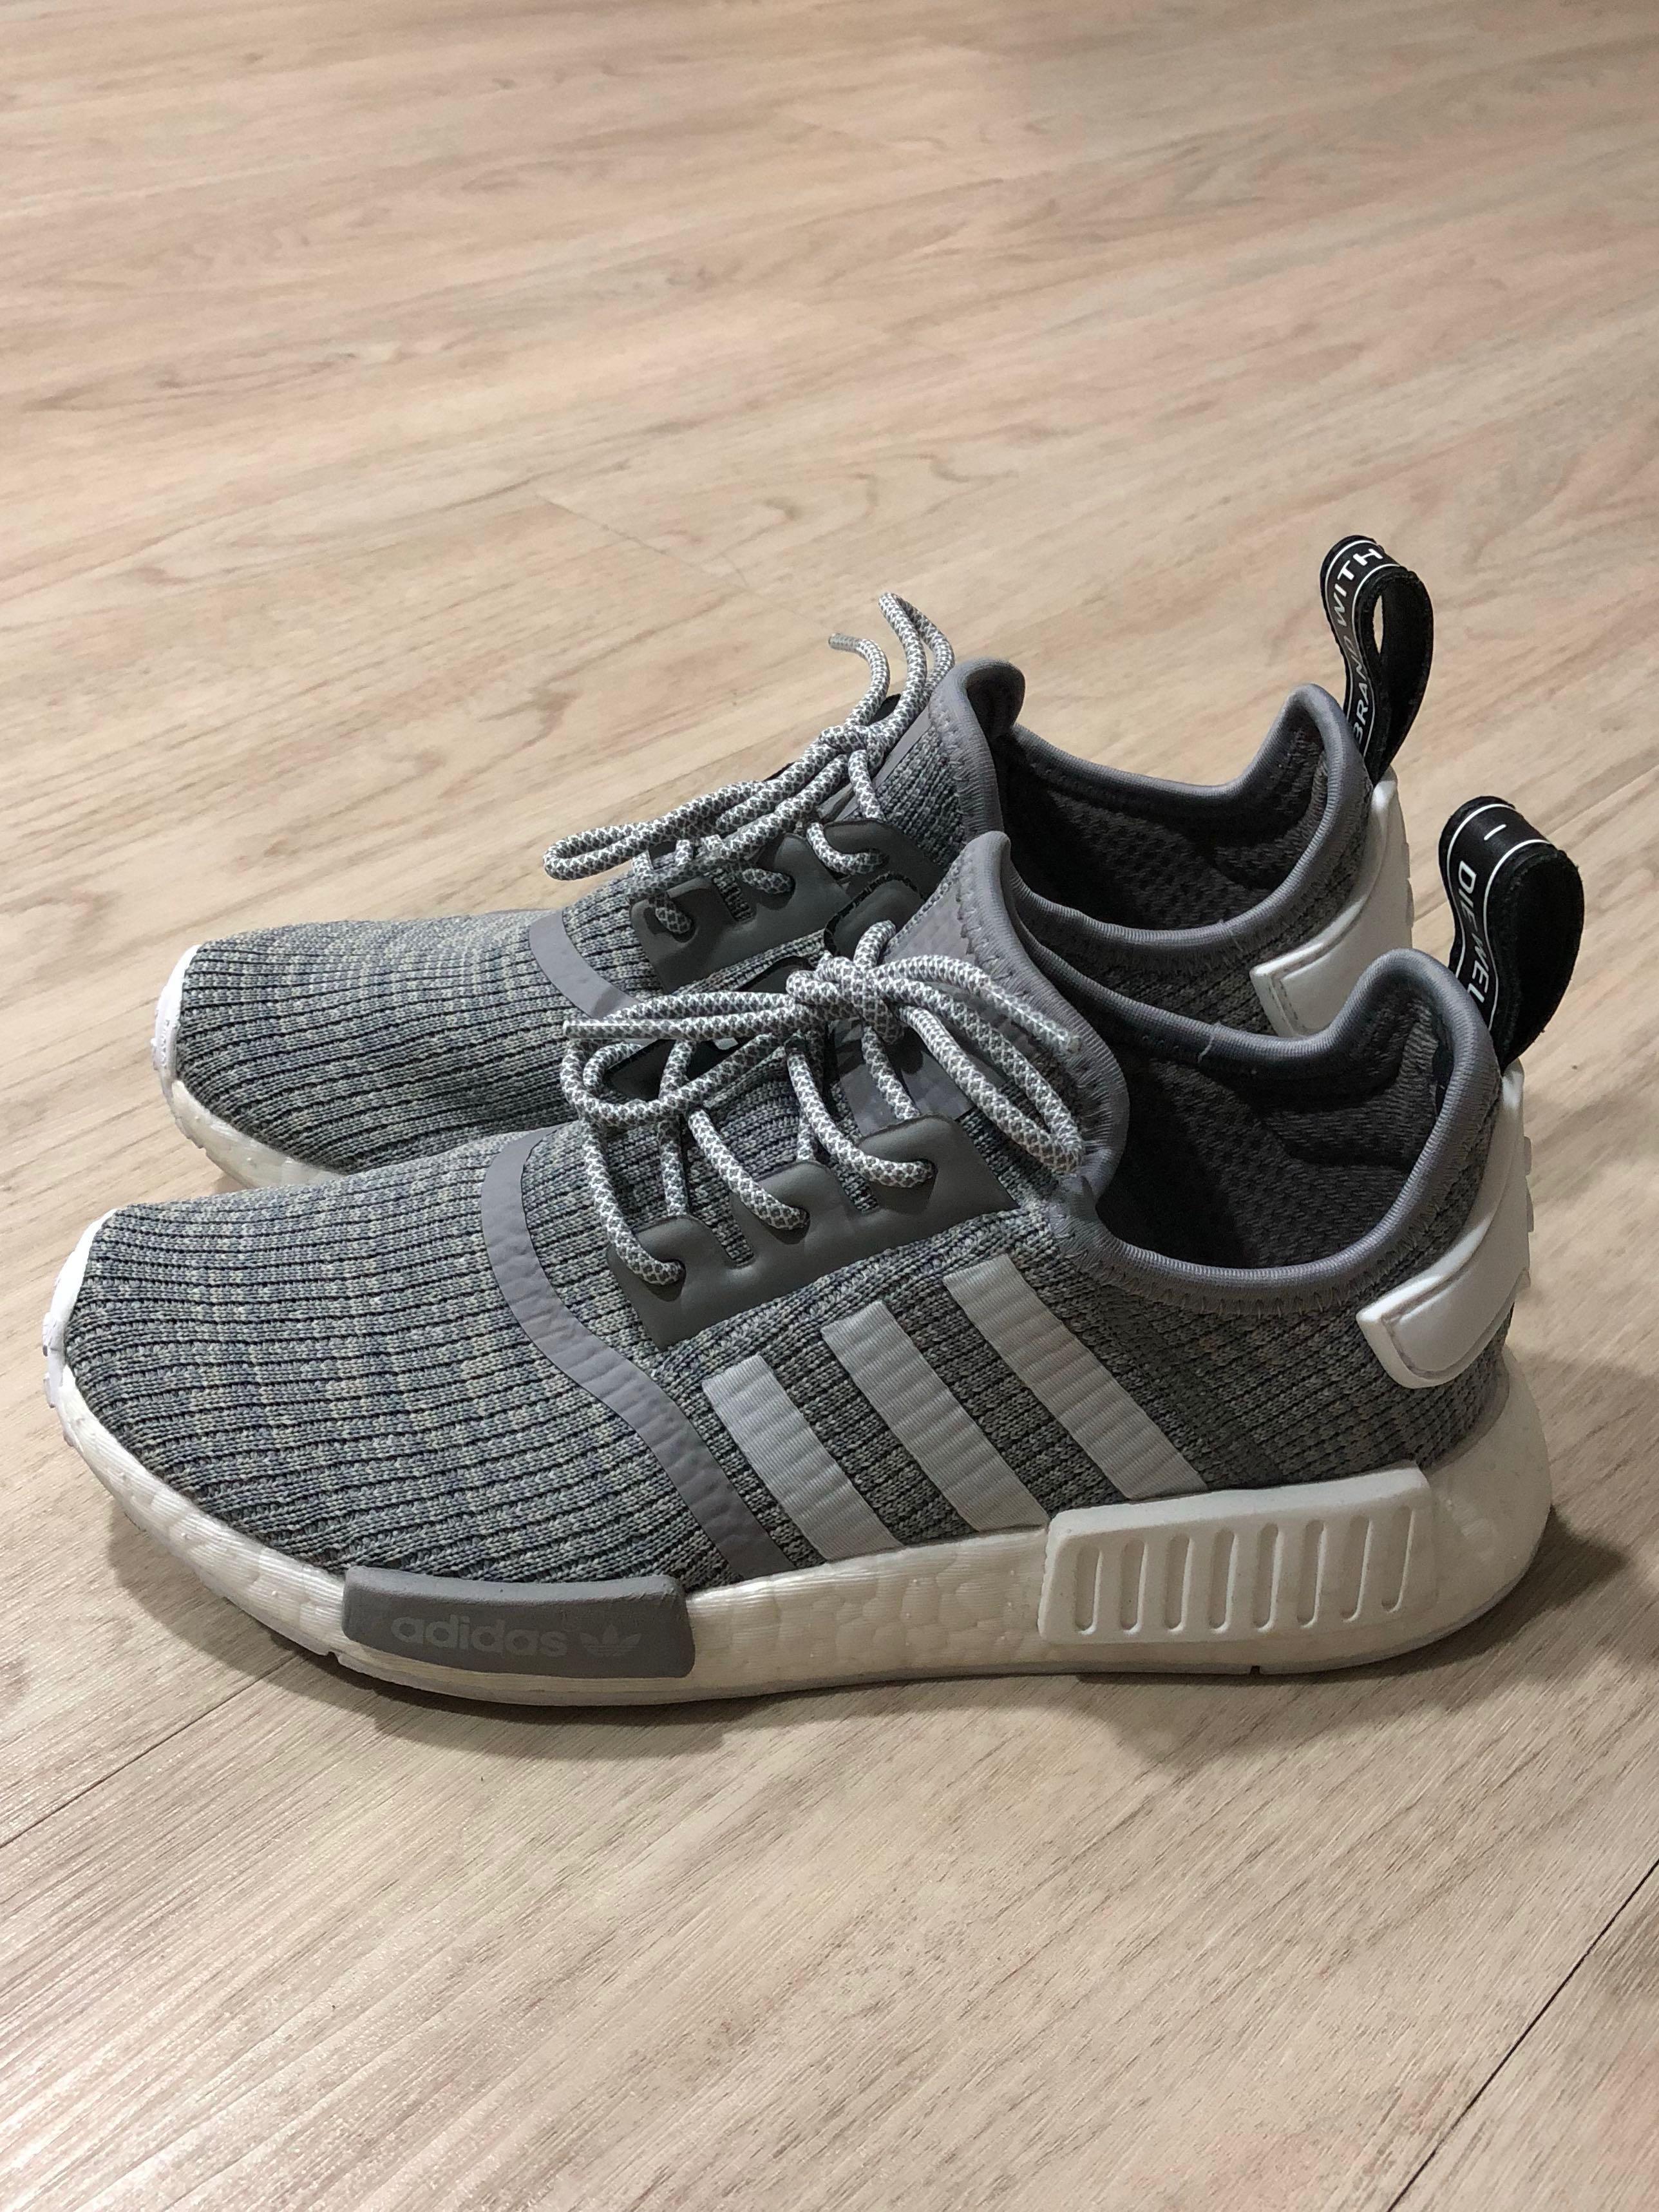 7196a013f3d2b Adidas NMD R1 Glitch Grey BB2886 UK5